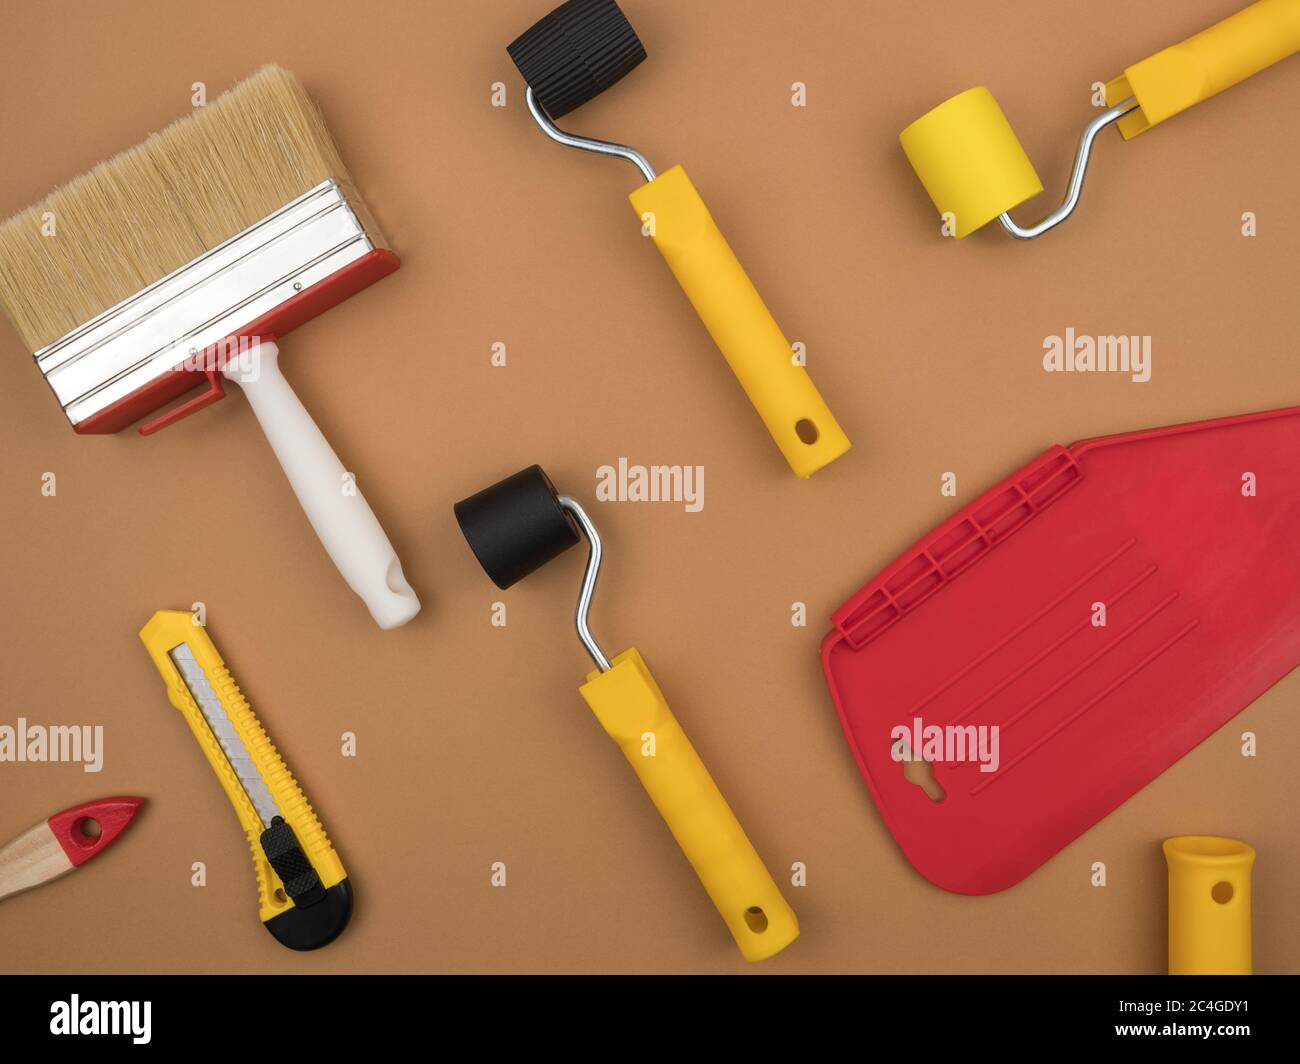 Un outil de peinture pour le papier peint. Arrière-plan beige. Banque D'Images